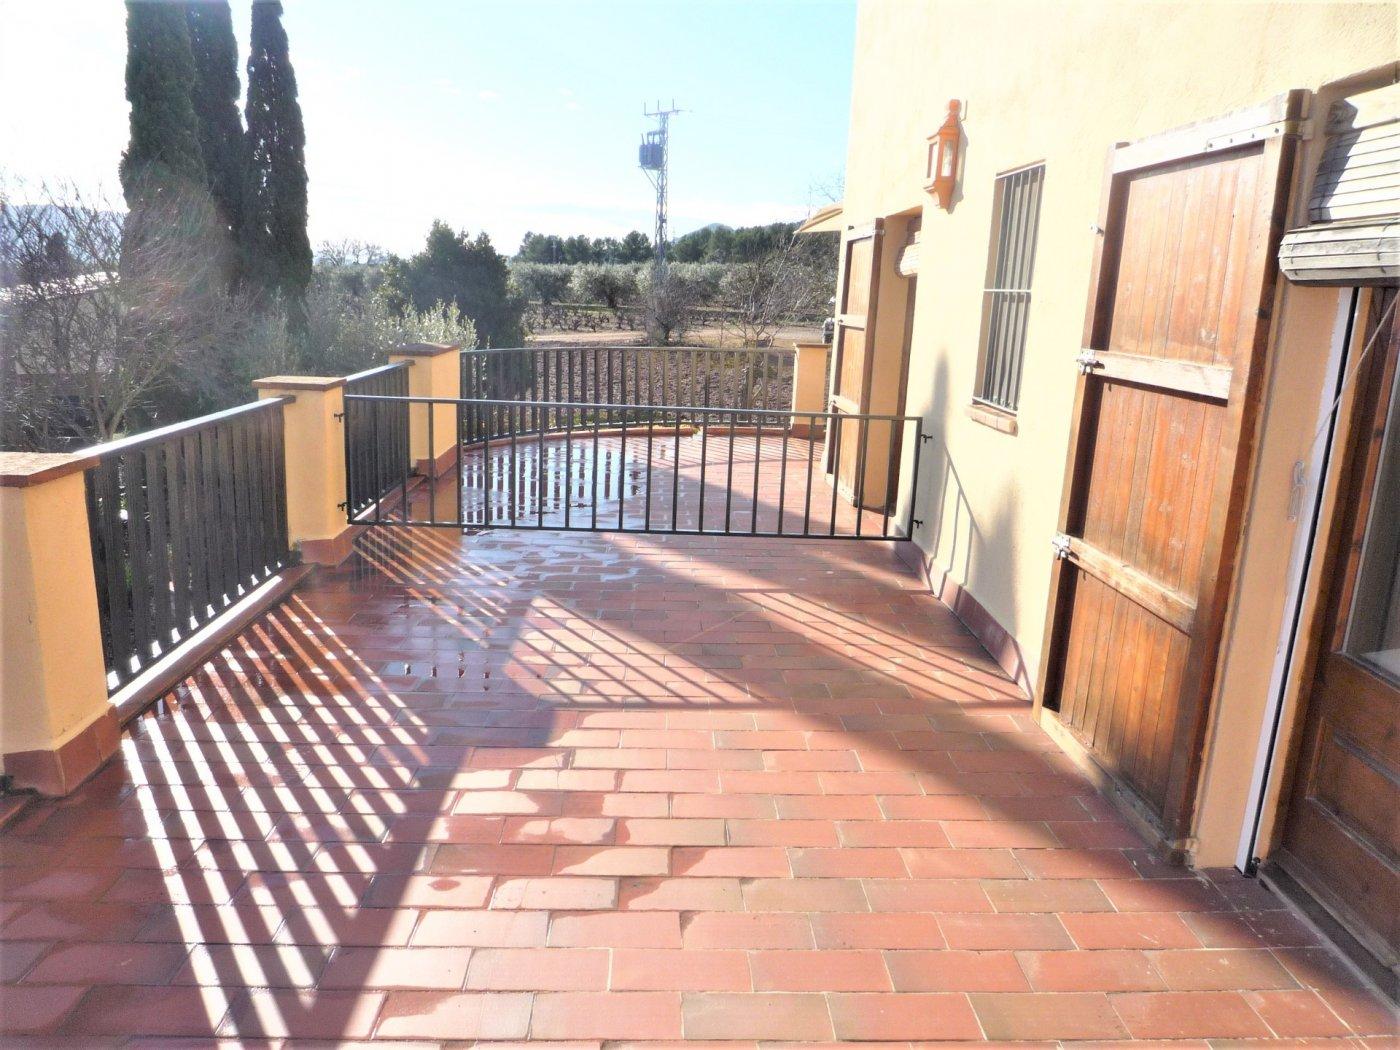 Casa en venta en montblanc - imagenInmueble24